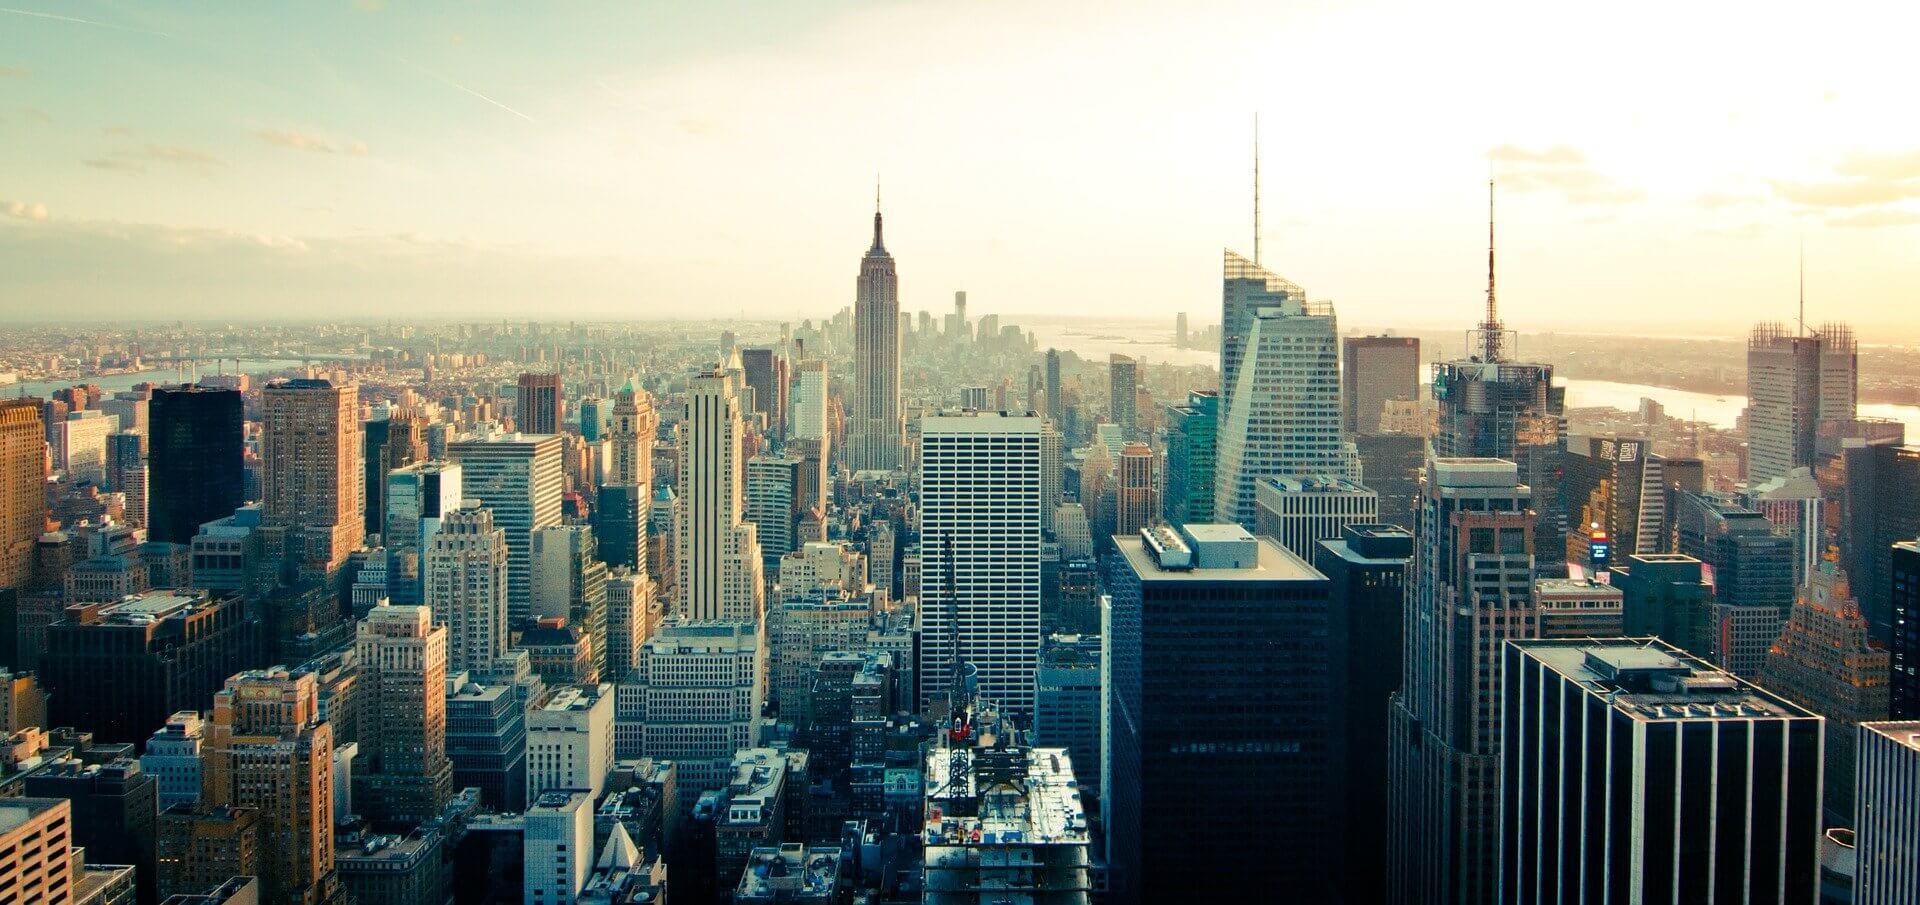 ニューヨーク アメリカ